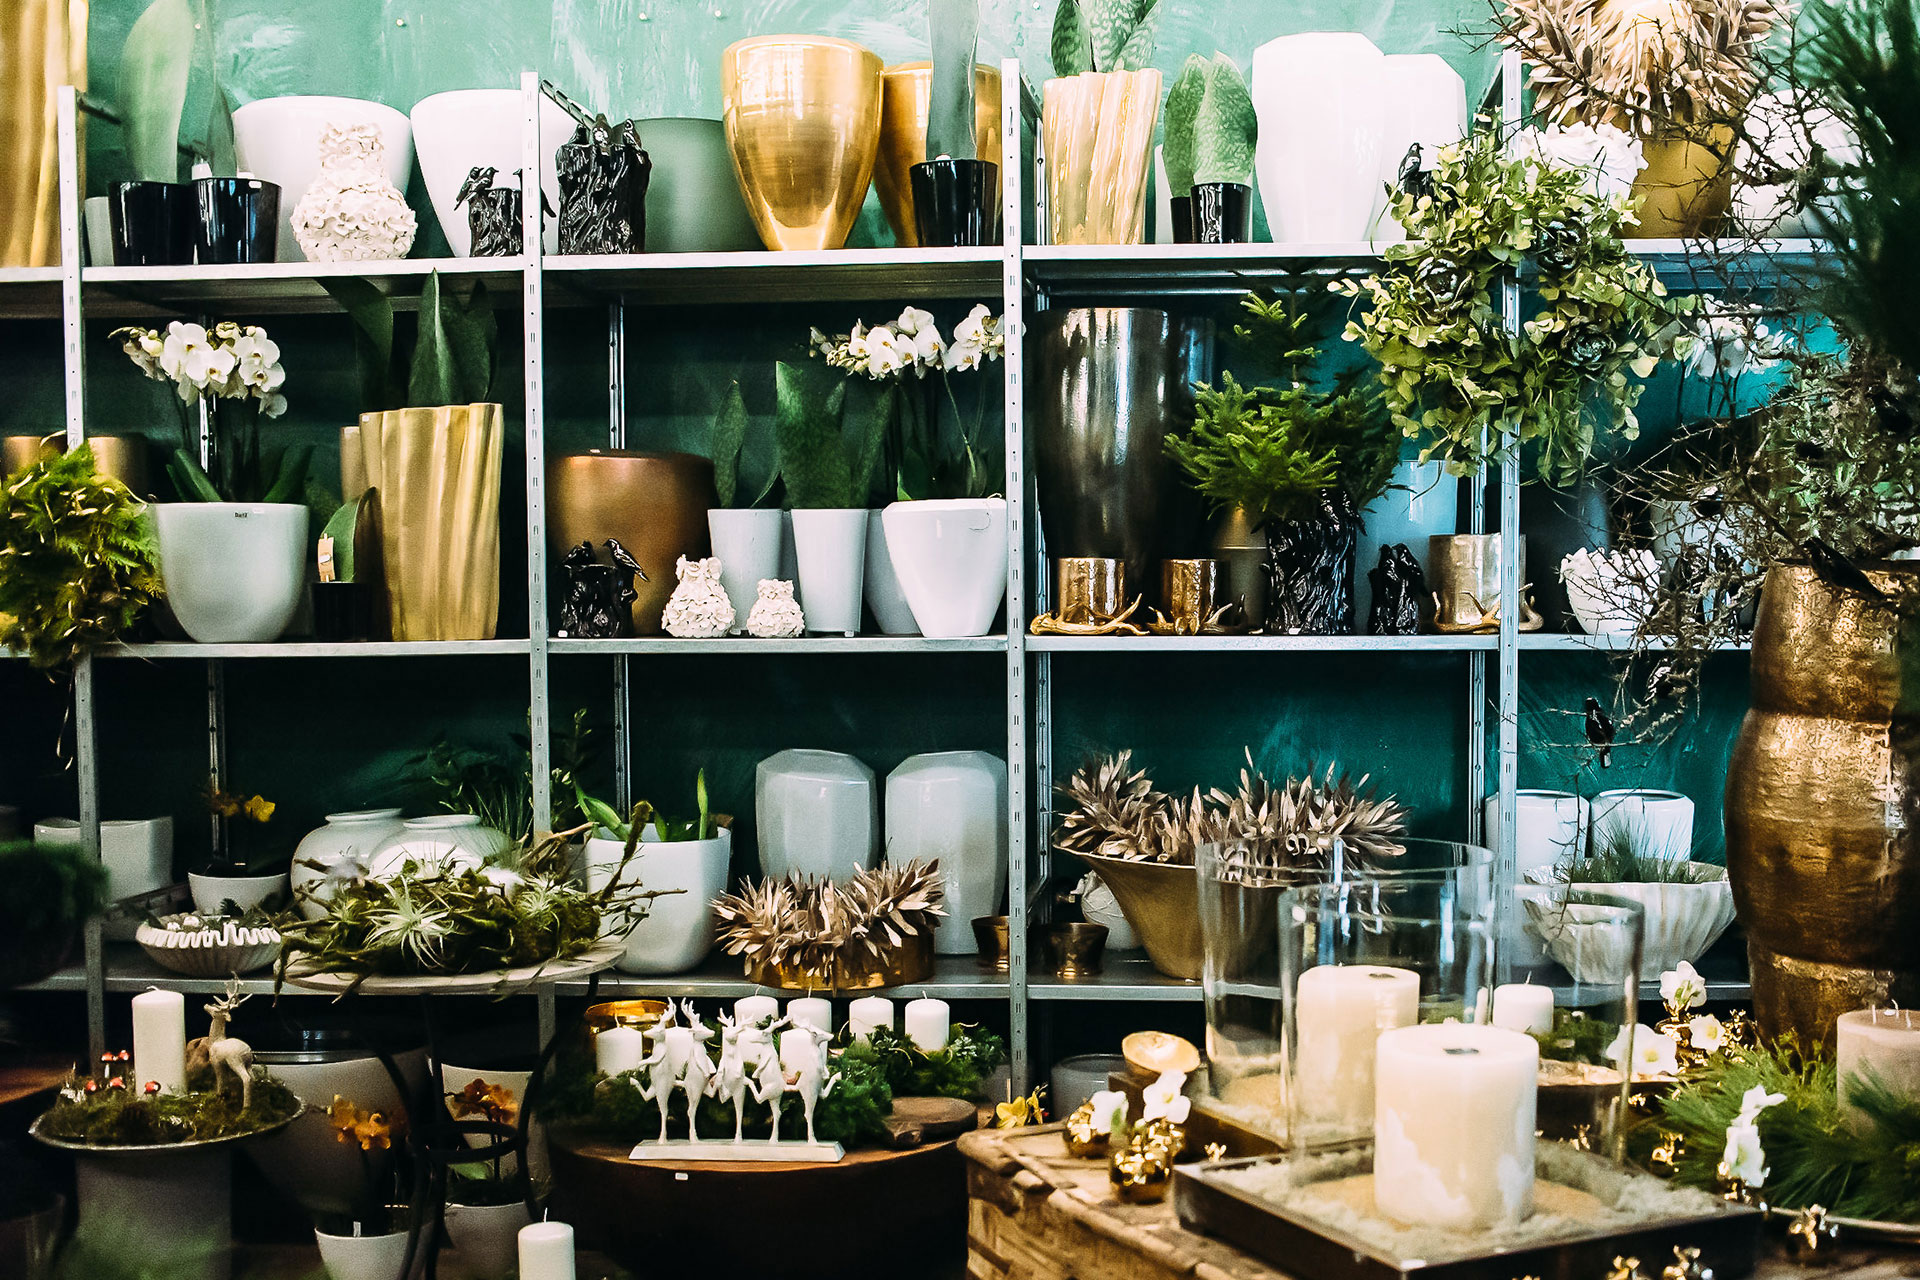 Vasen, Orchideen und weihnachtliche Dekorationen